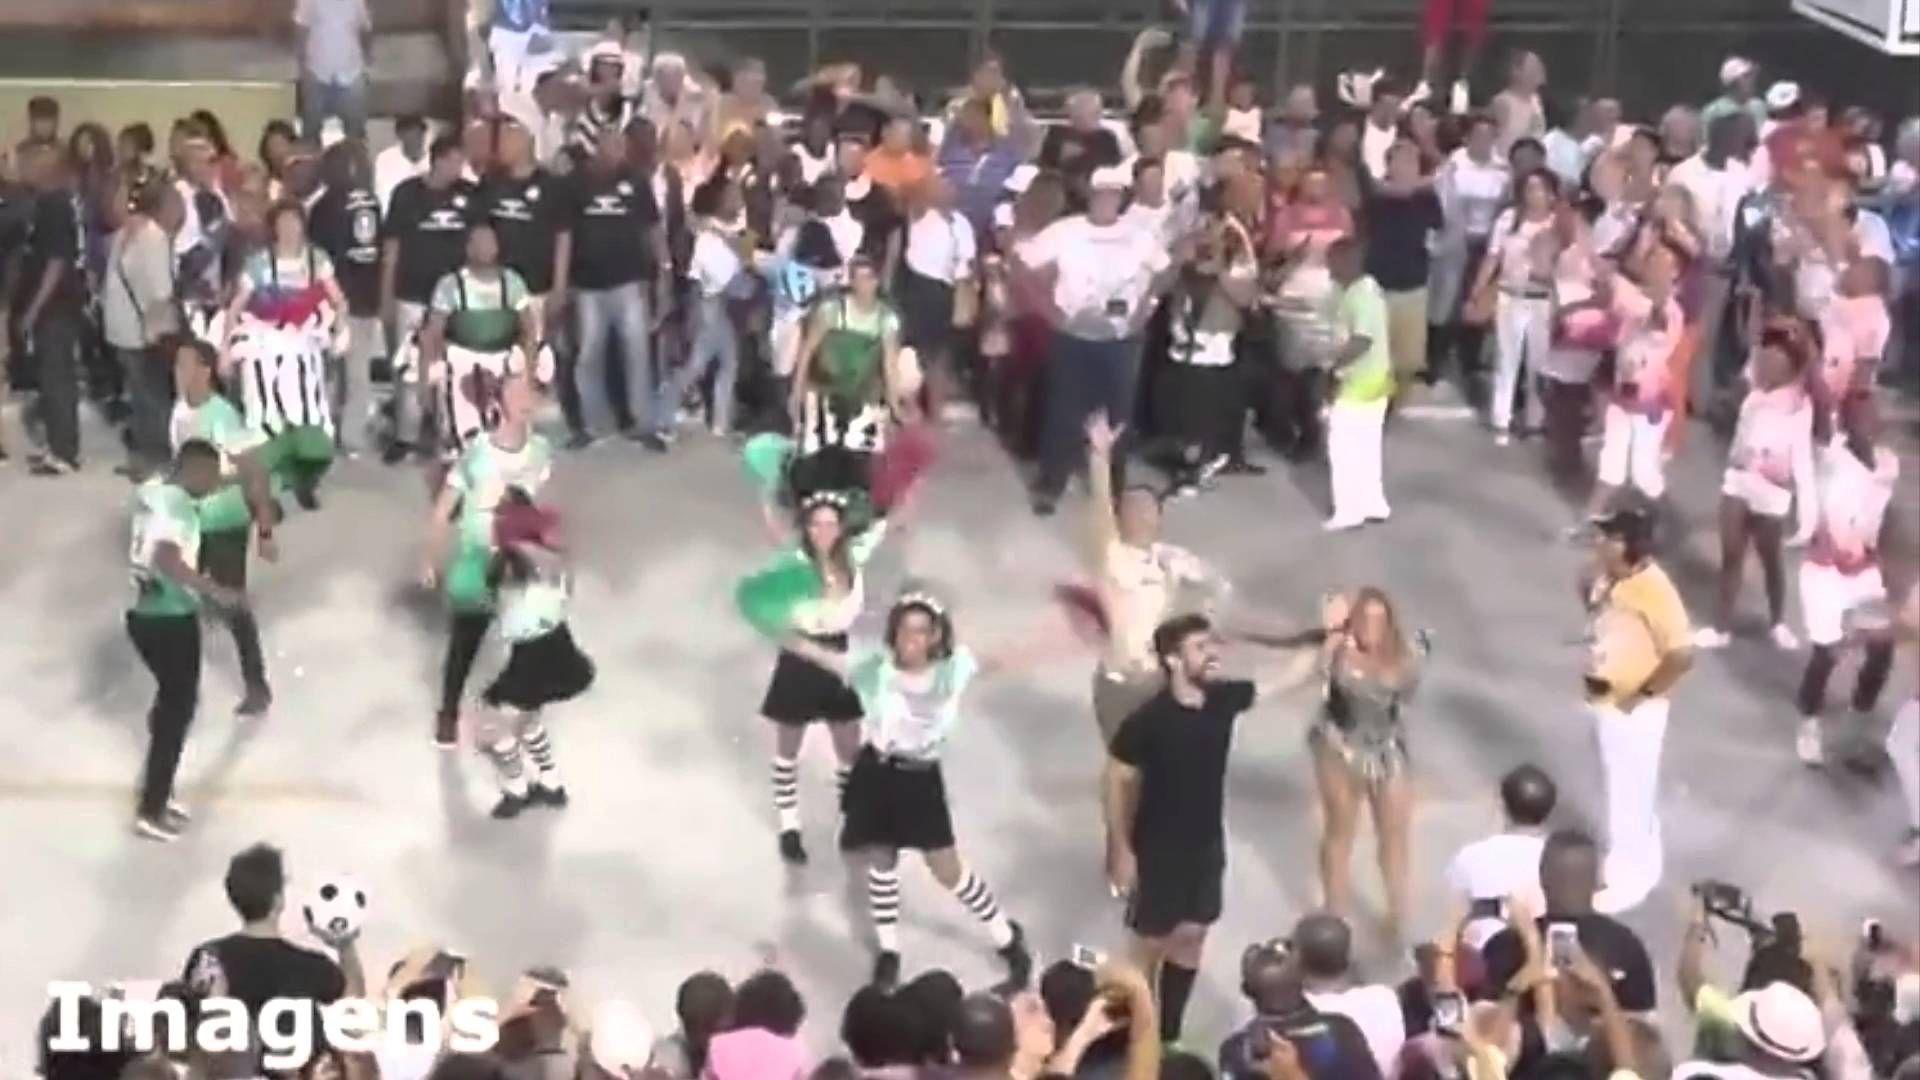 Susana vieira, carnaval, tombo, Susana vieira caindo, escorrega, pisa no...